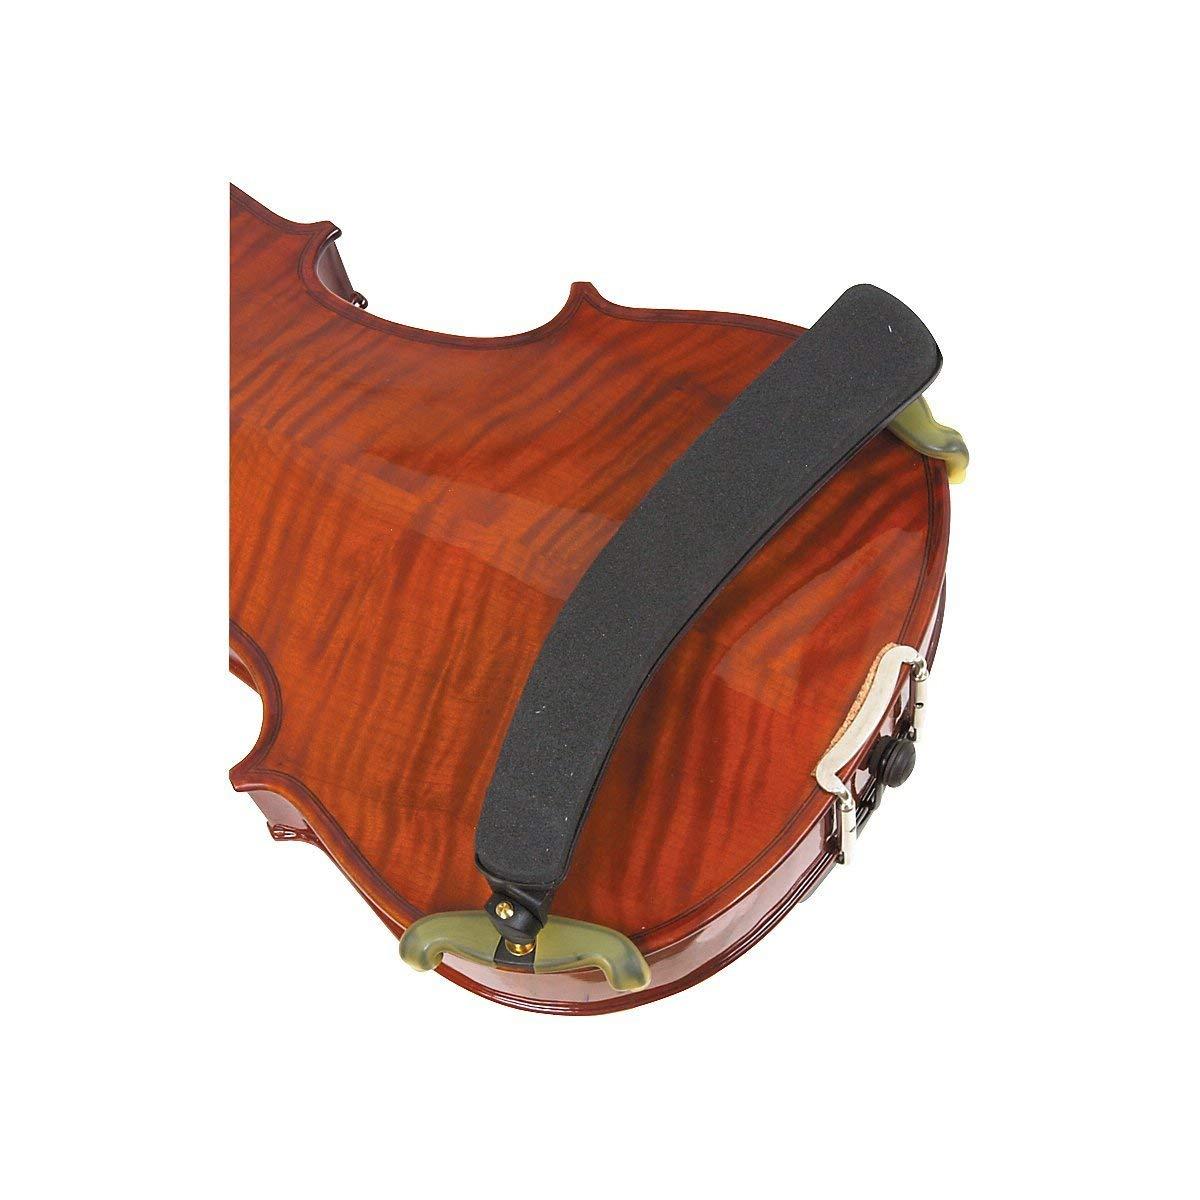 Kun Original 3//4-1//2 Violin Shoulder Rest Renewed